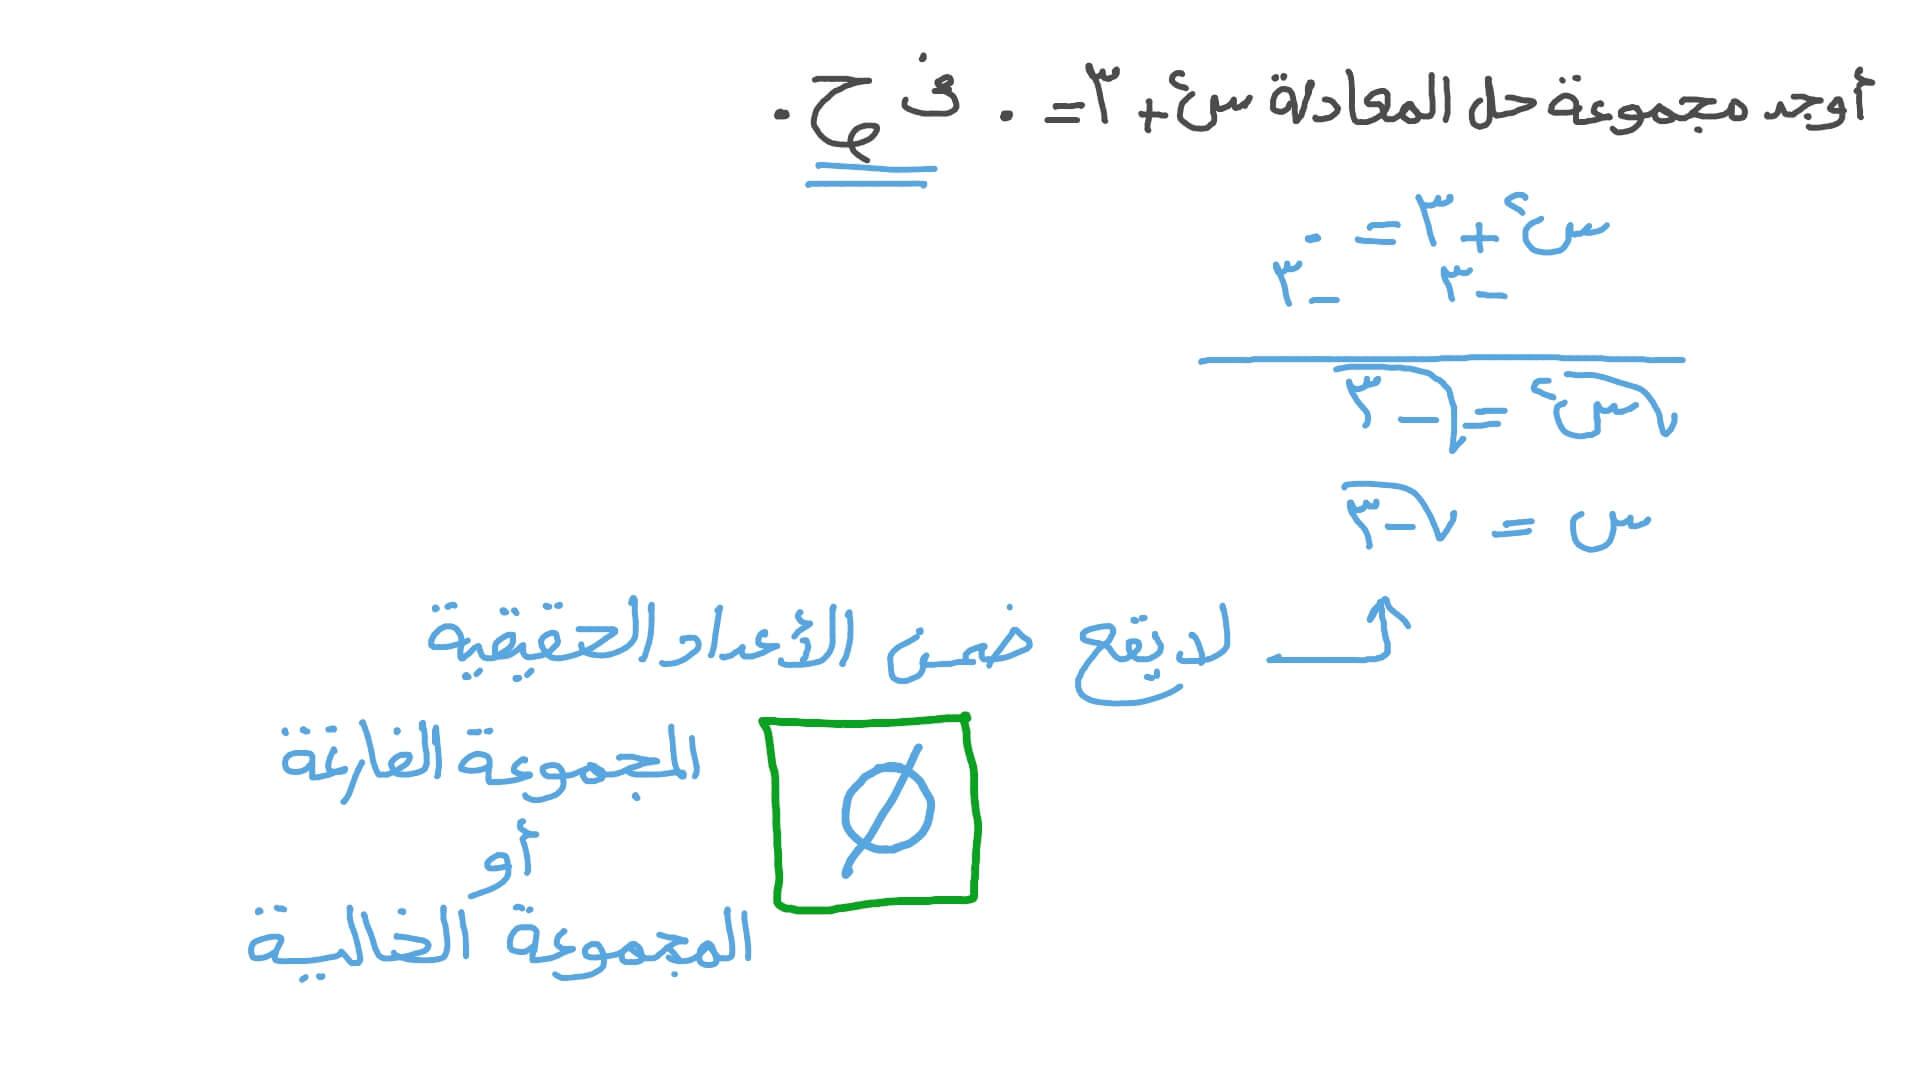 فيديو السؤال إيجاد مجموعة حل المعادلات التربيعية في ﺡ نجوى